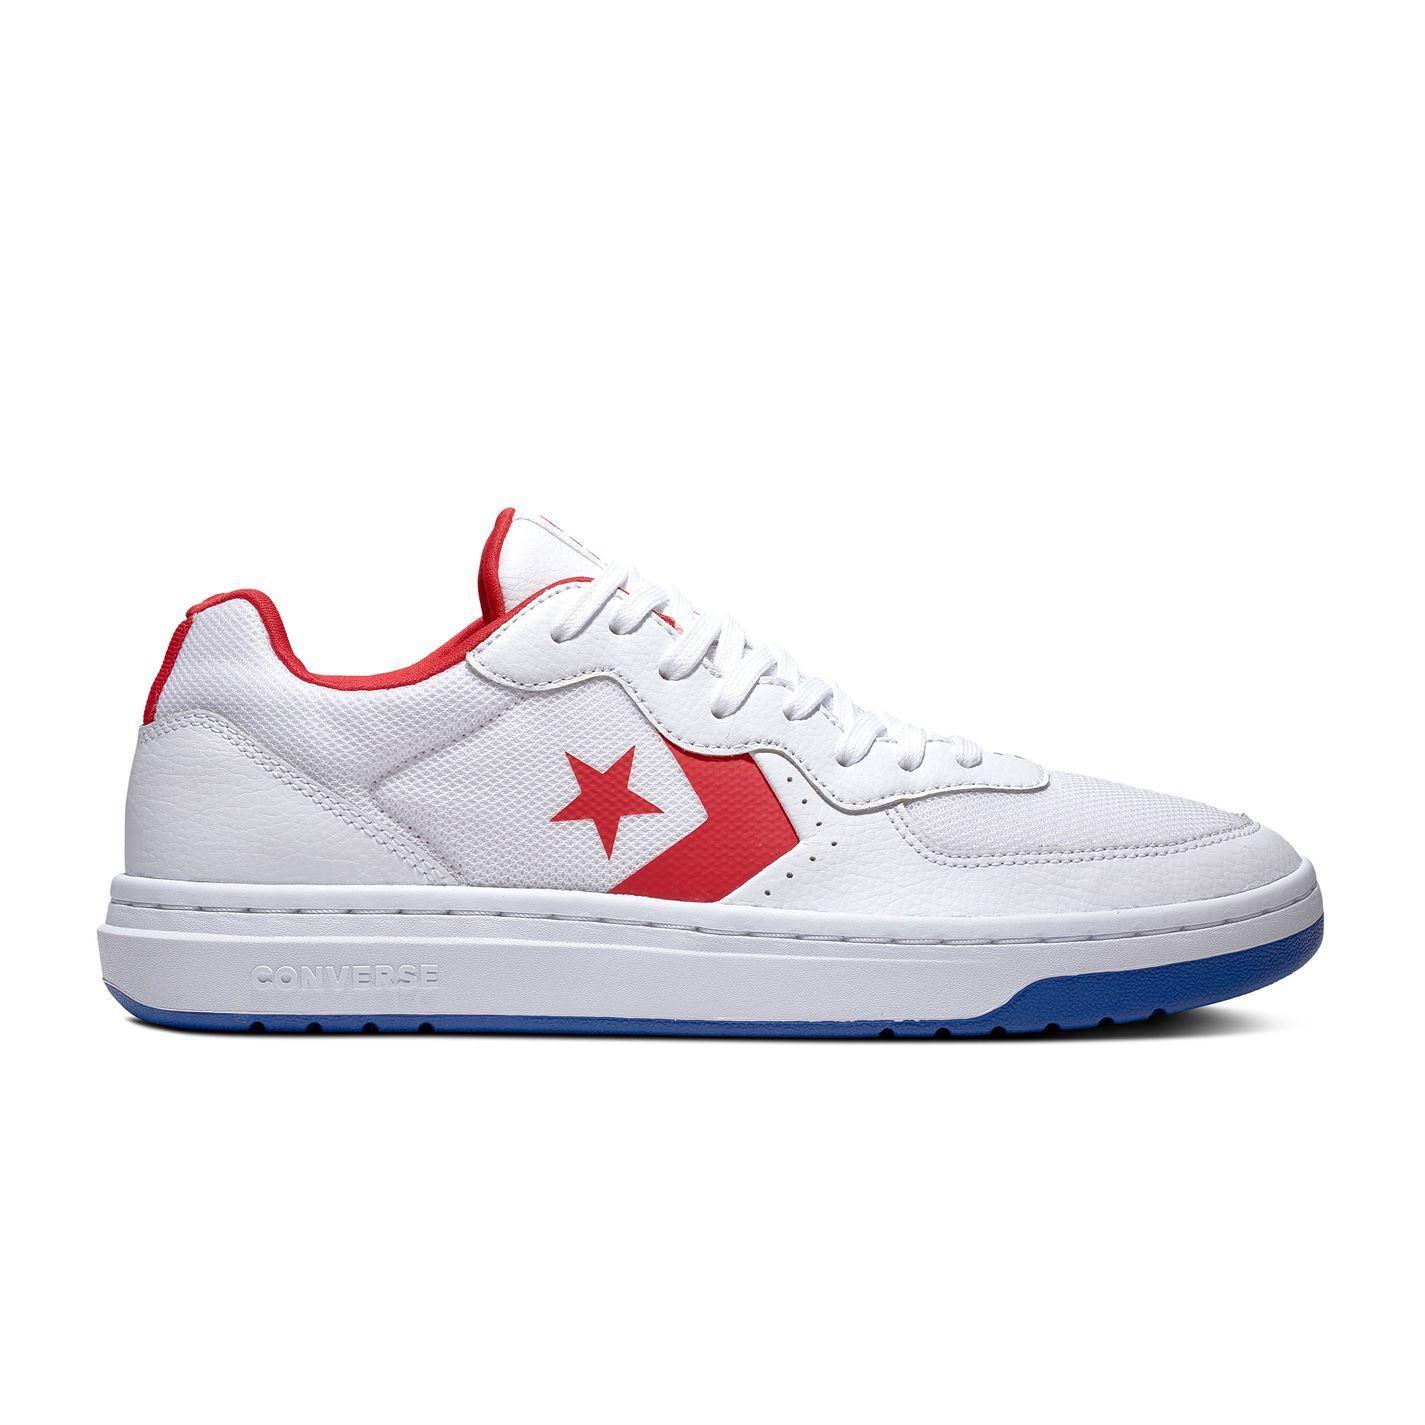 Converse-Rival-Baskets-Pour-Homme-Chaussures-De-Loisirs-Chaussures-Baskets miniature 30